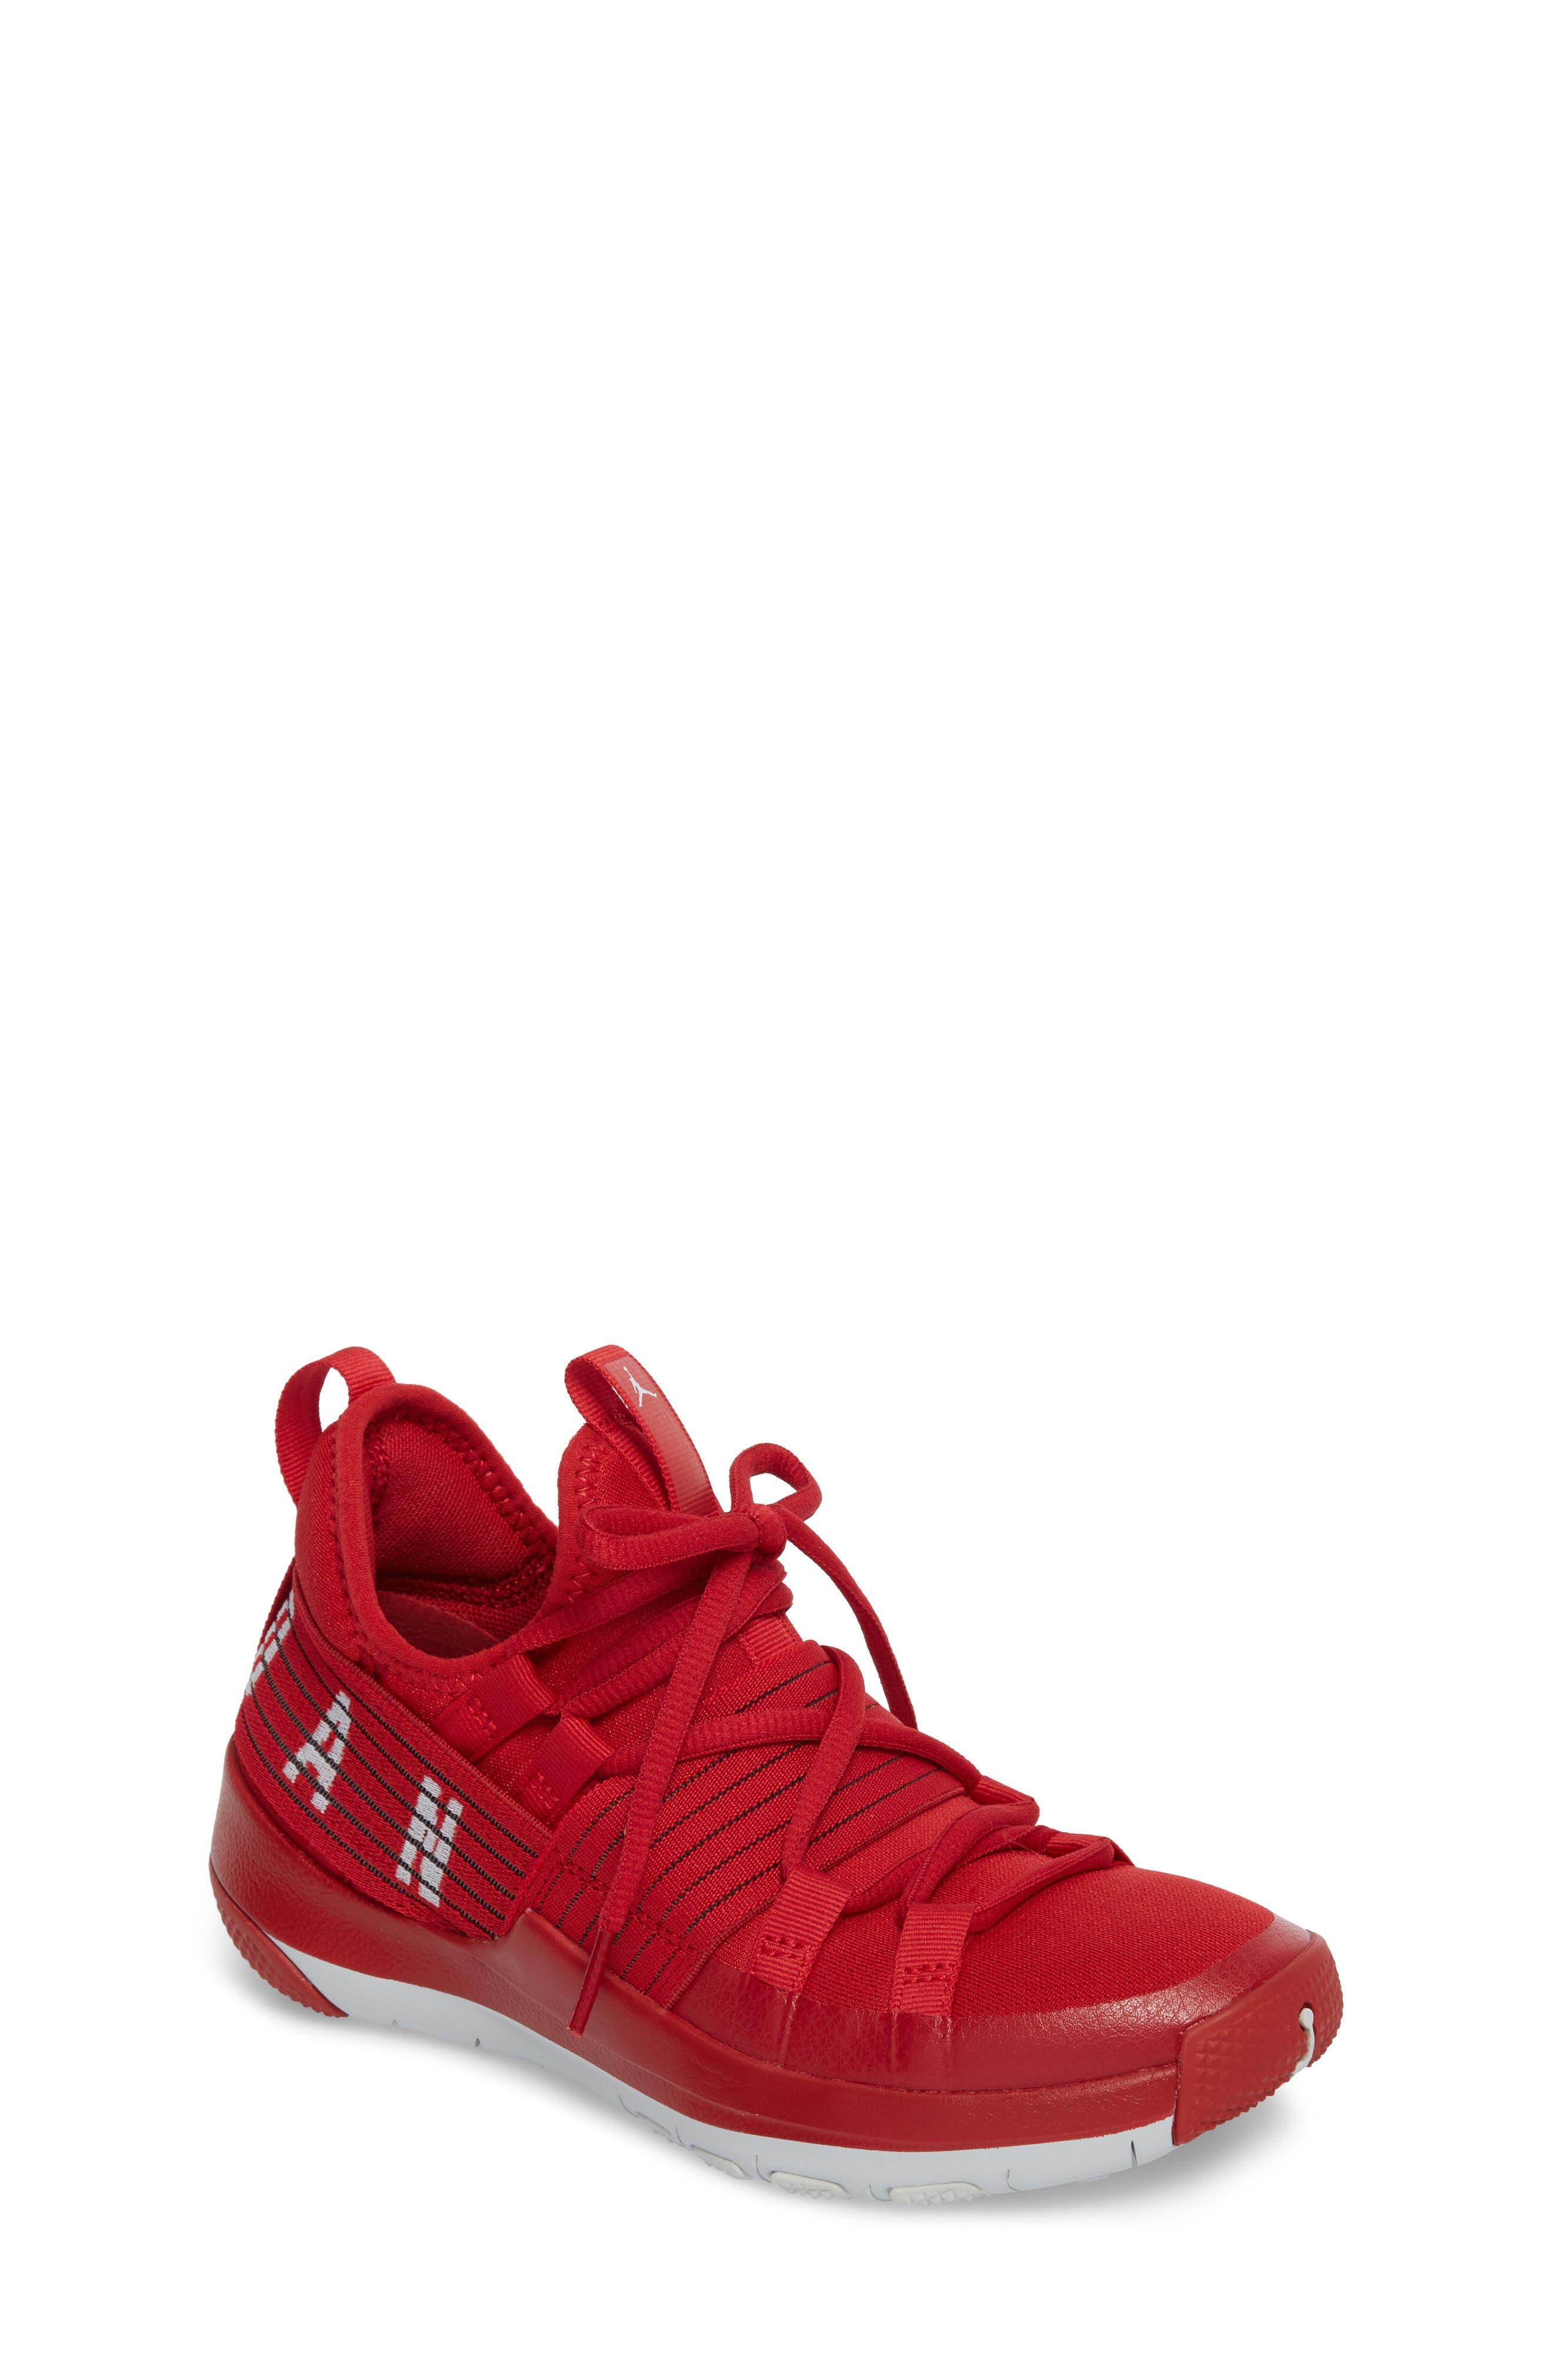 Trainer Pro Training Shoe,                         Main,                         color,